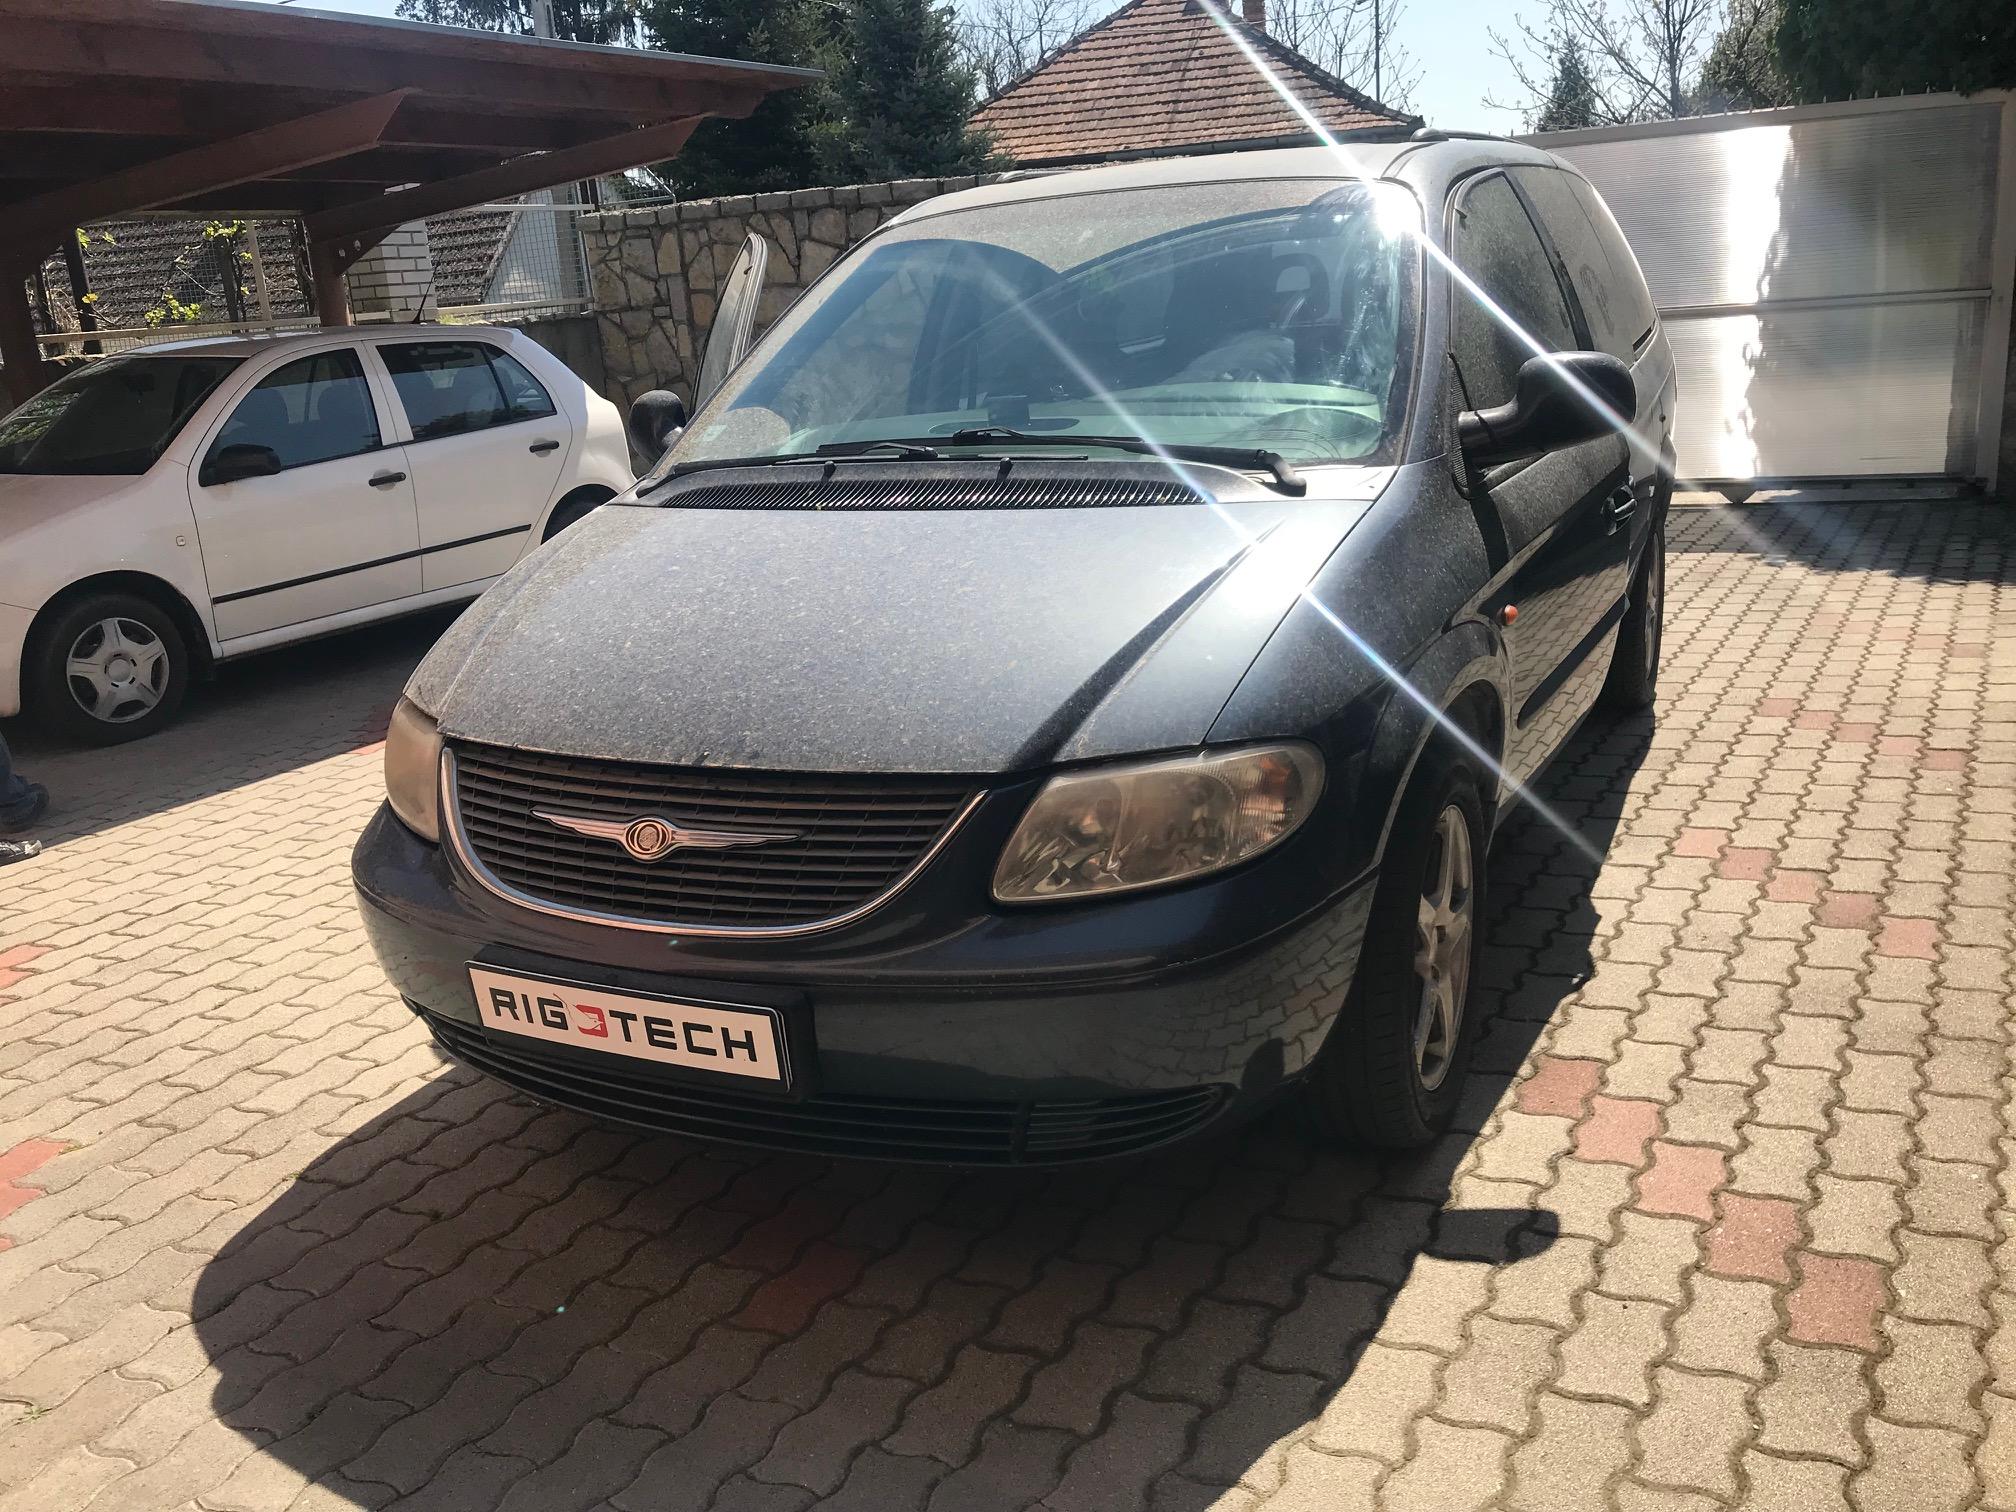 Chrysler-Voyager-25Crd-140Le-Chiptuning